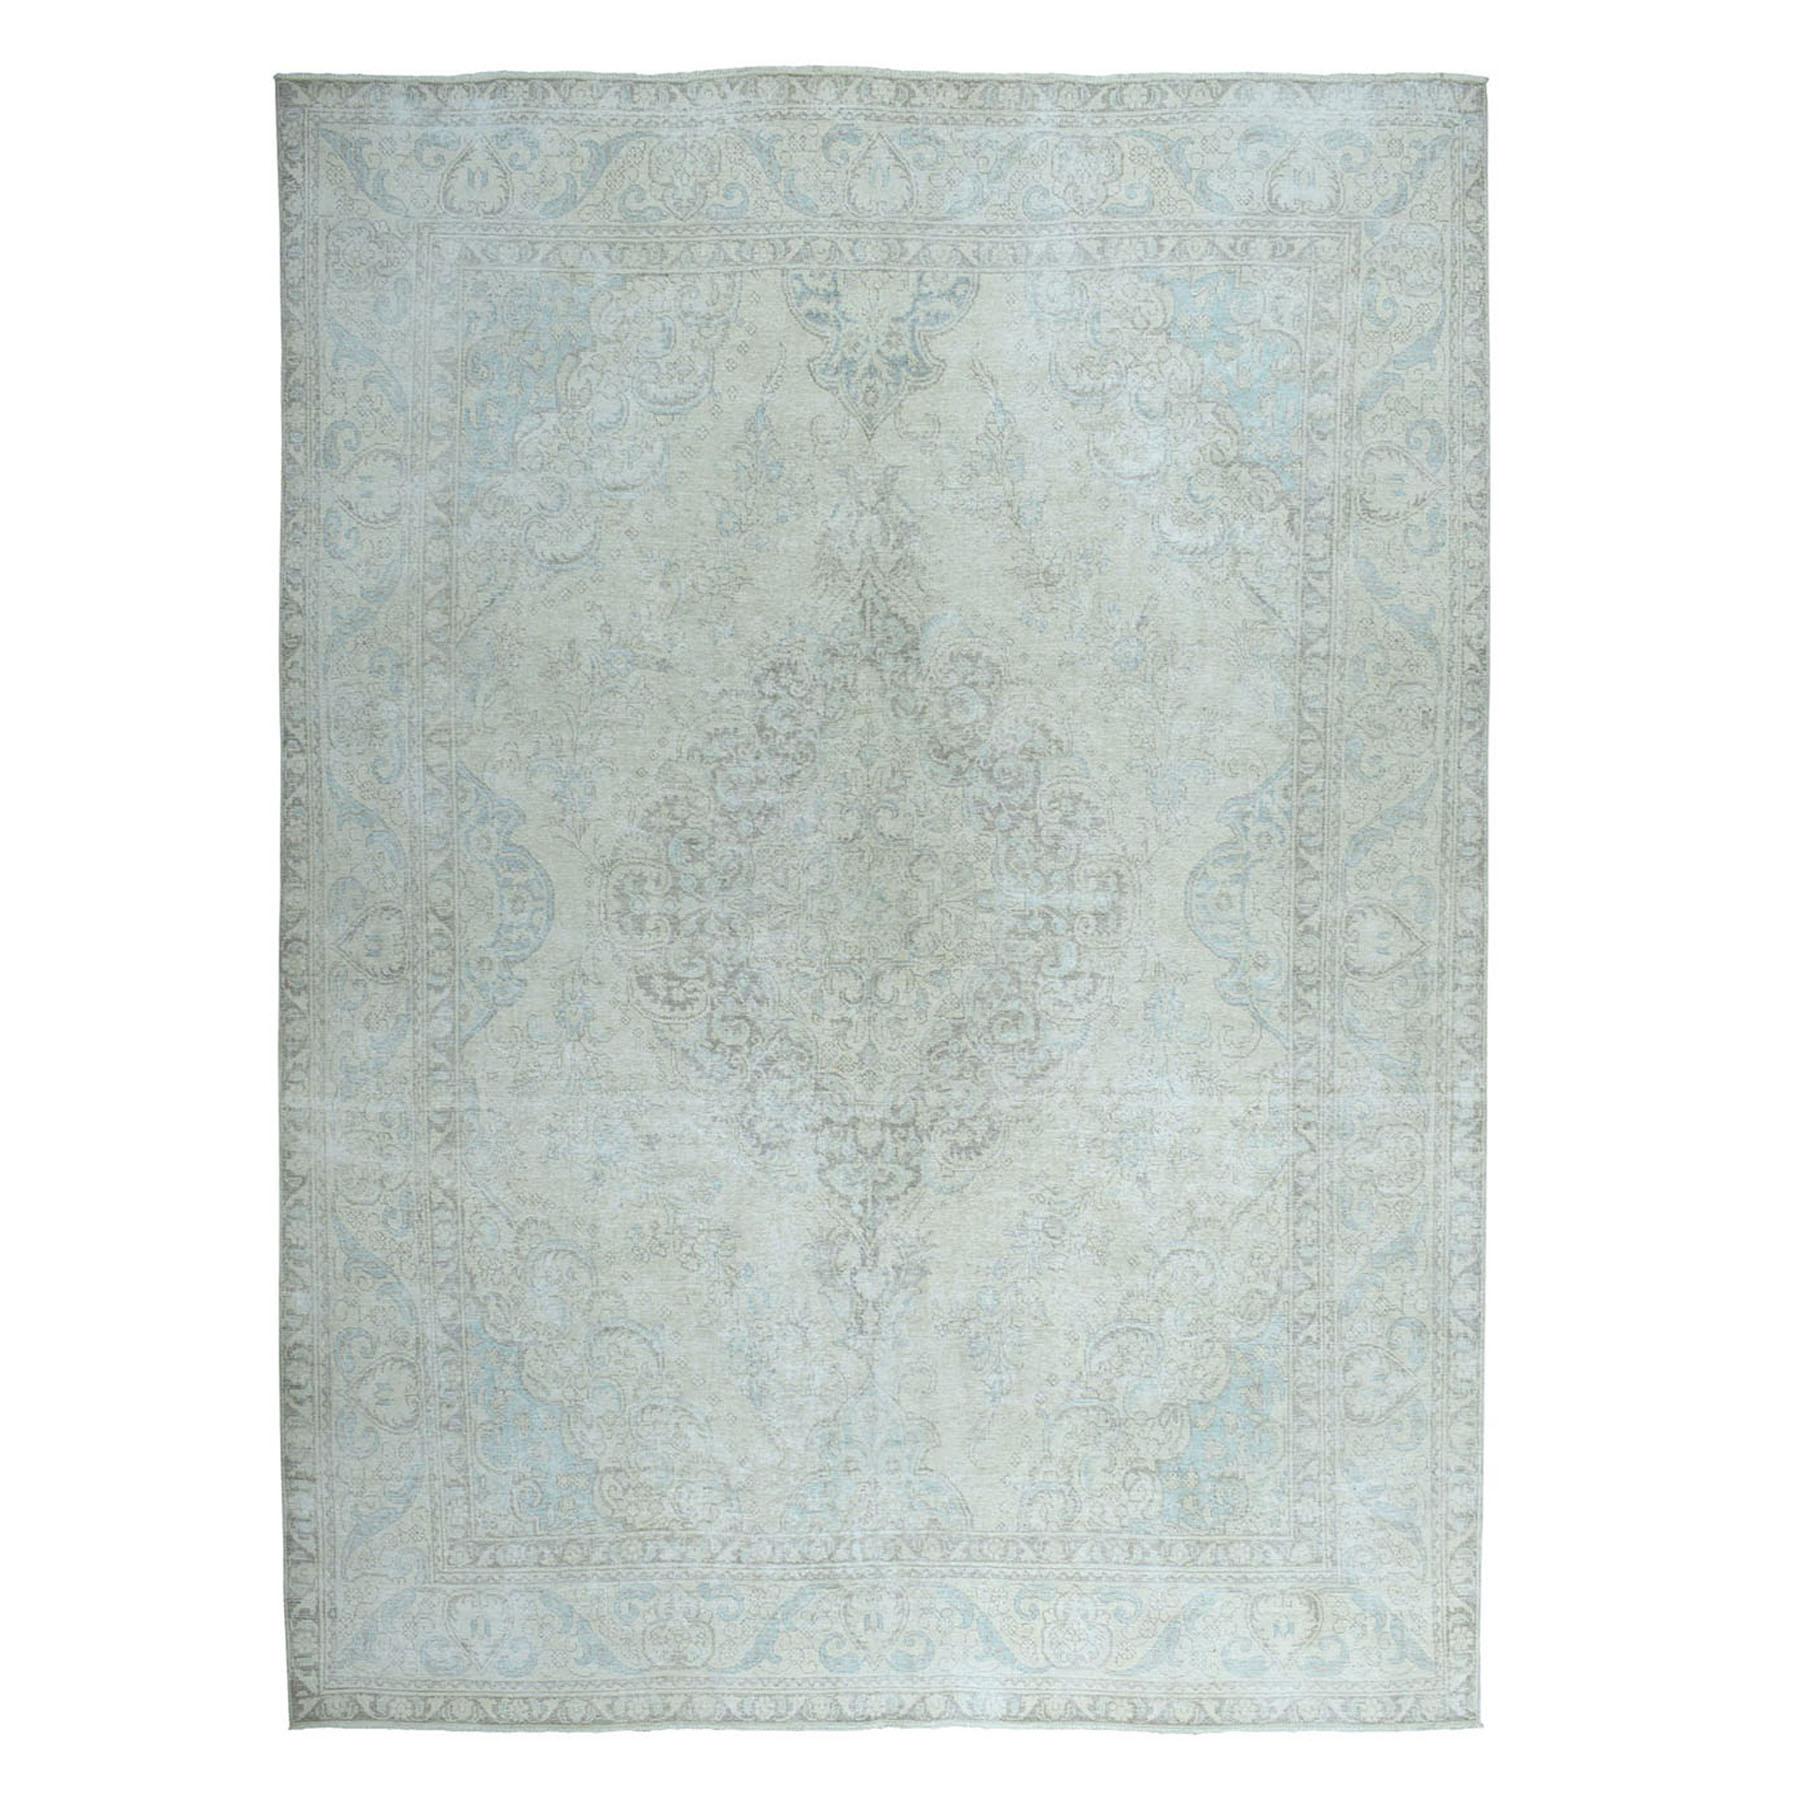 """9'7""""x12'4"""" Vintage White Wash Tabriz Worn Wool Hand-Knotted Oriental Rug"""